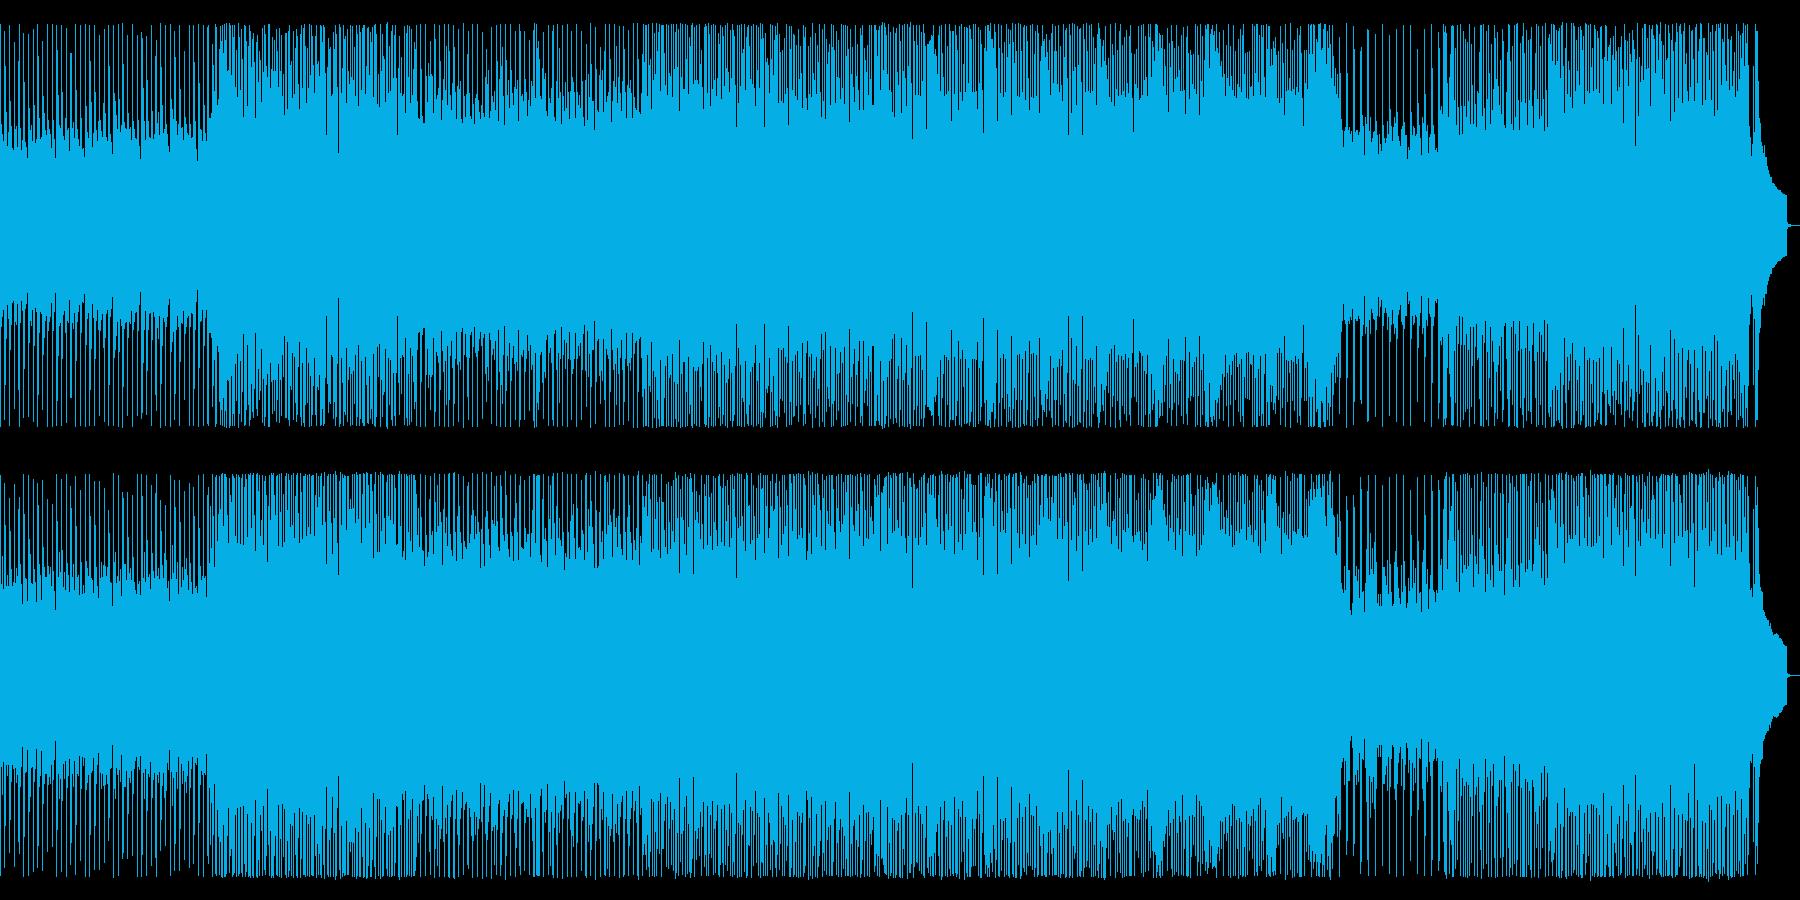 戦場をイメージしたピアノロックの再生済みの波形